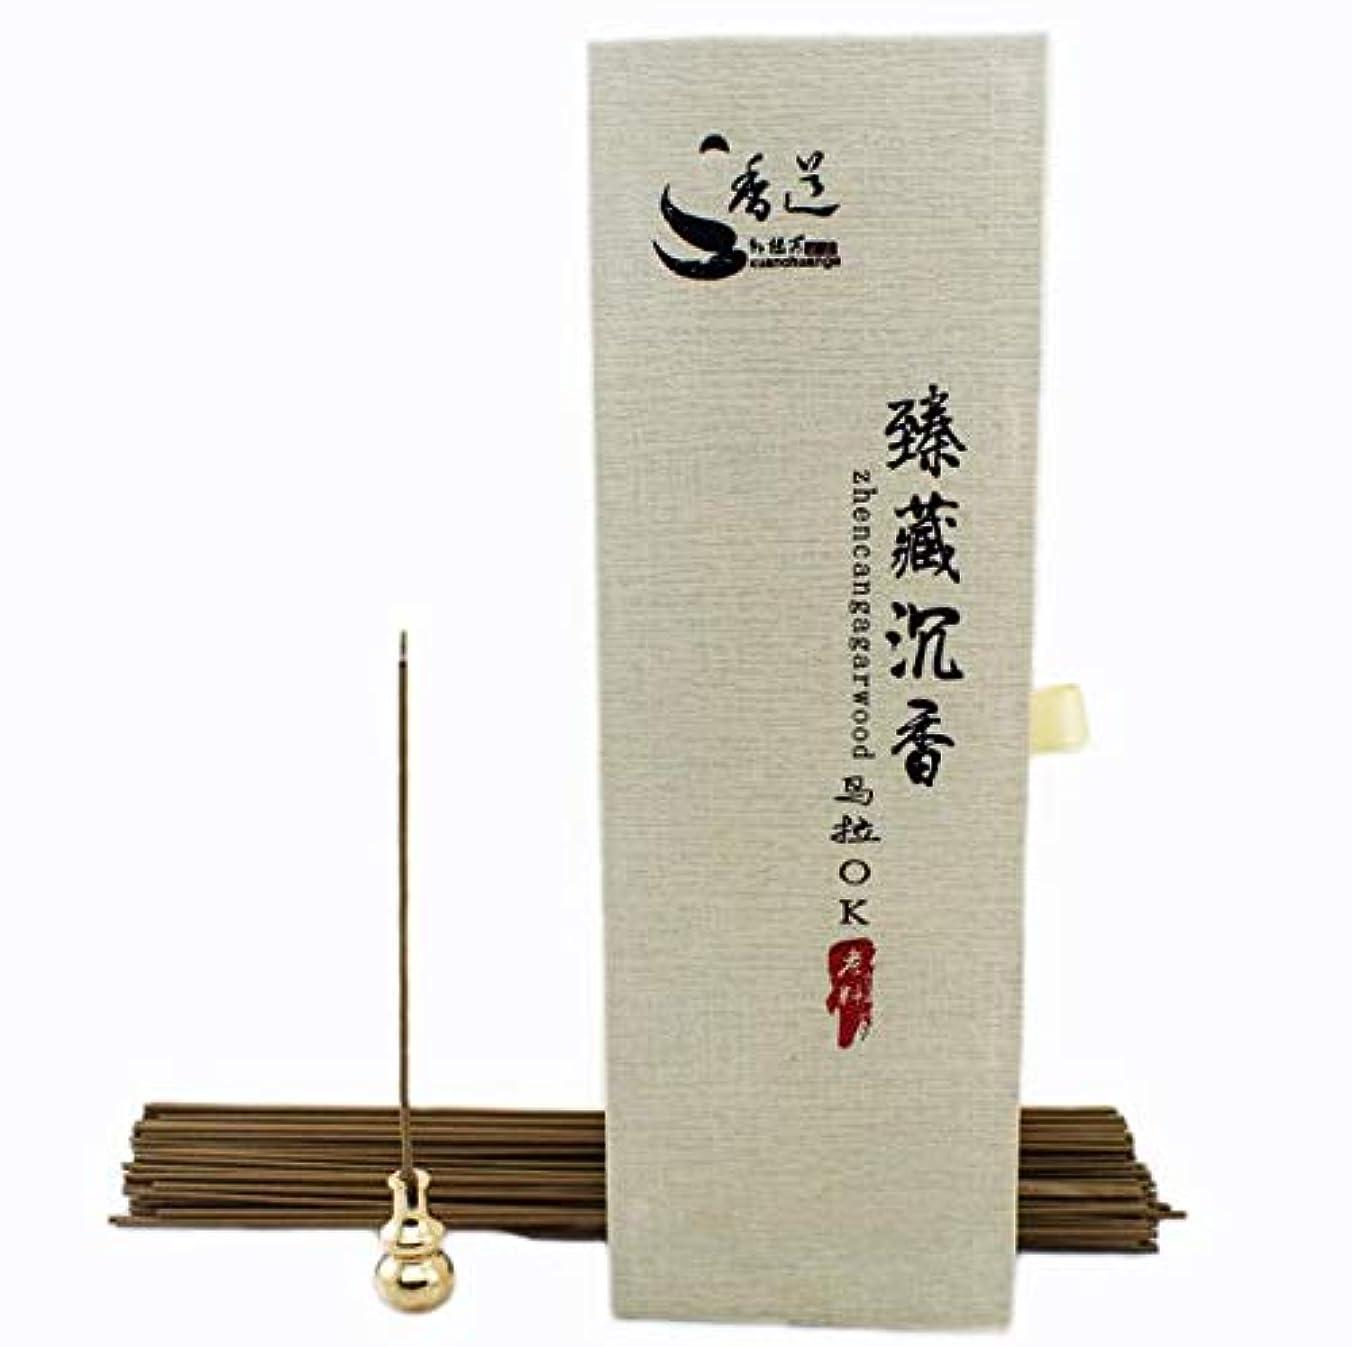 マーク準備するオンお香のサポート、銅の香バーナー、風水の装飾、オフィステーブルのための中空牡丹レリーフ、ホームデコ,Incense*2B